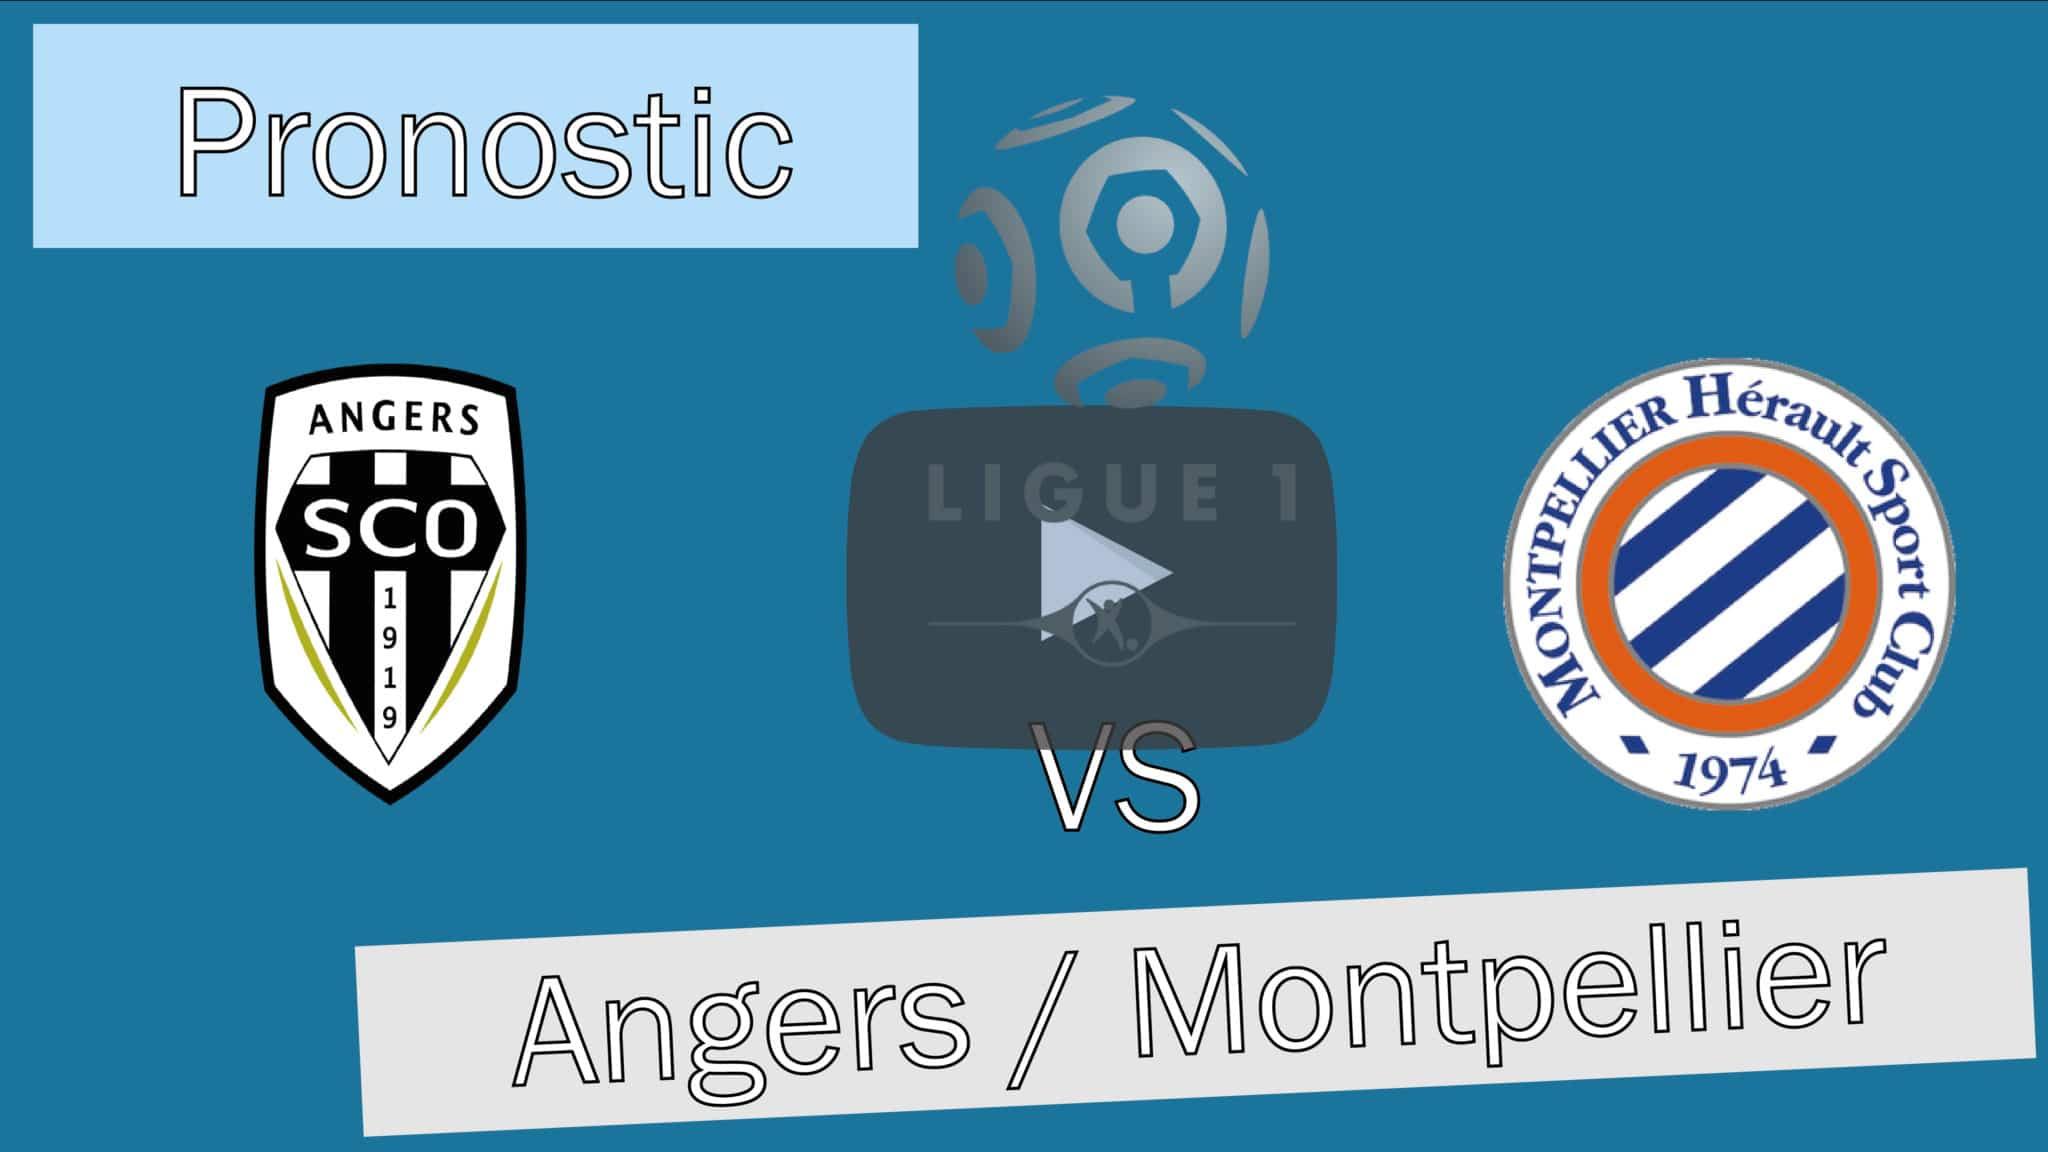 [VIP->Public] Pronostic 68 – Angers / Montpellier – Ligue 1